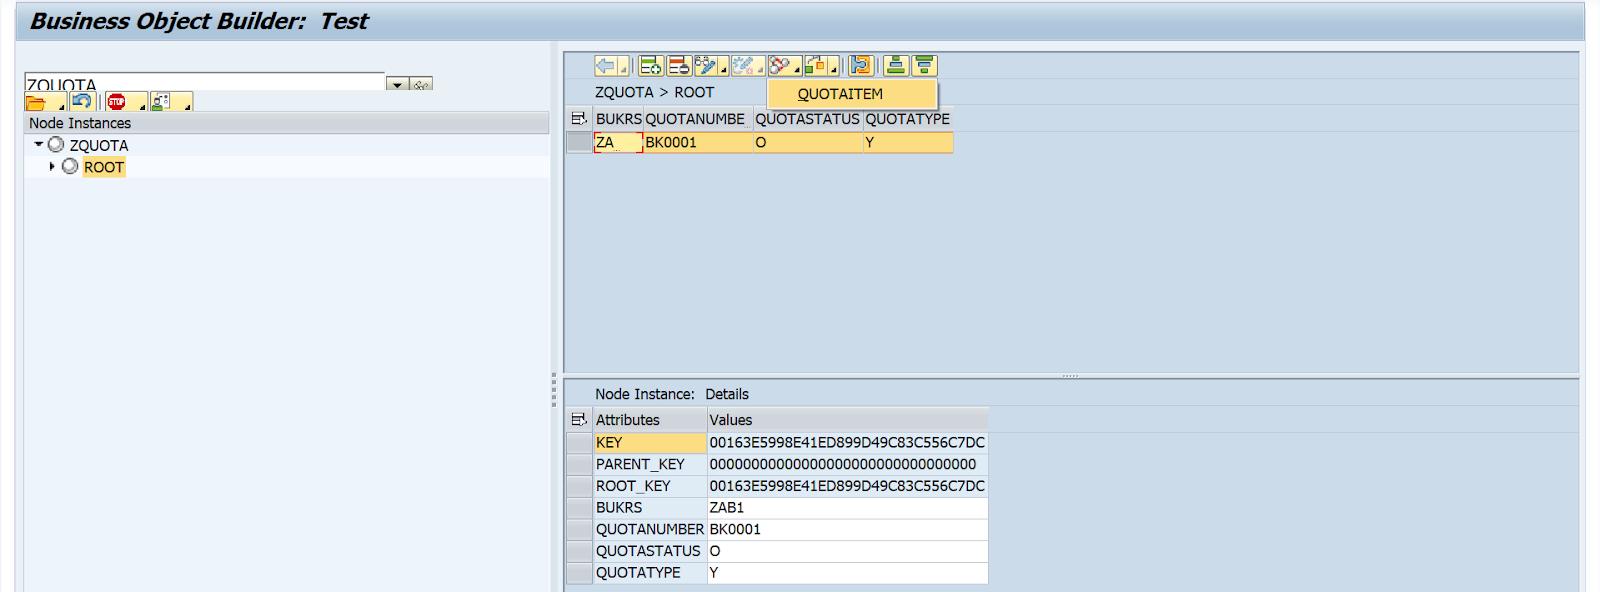 SAP ABAP Central: BOPF: Using Non-UUIDs (DB_KEY) keys DB tables